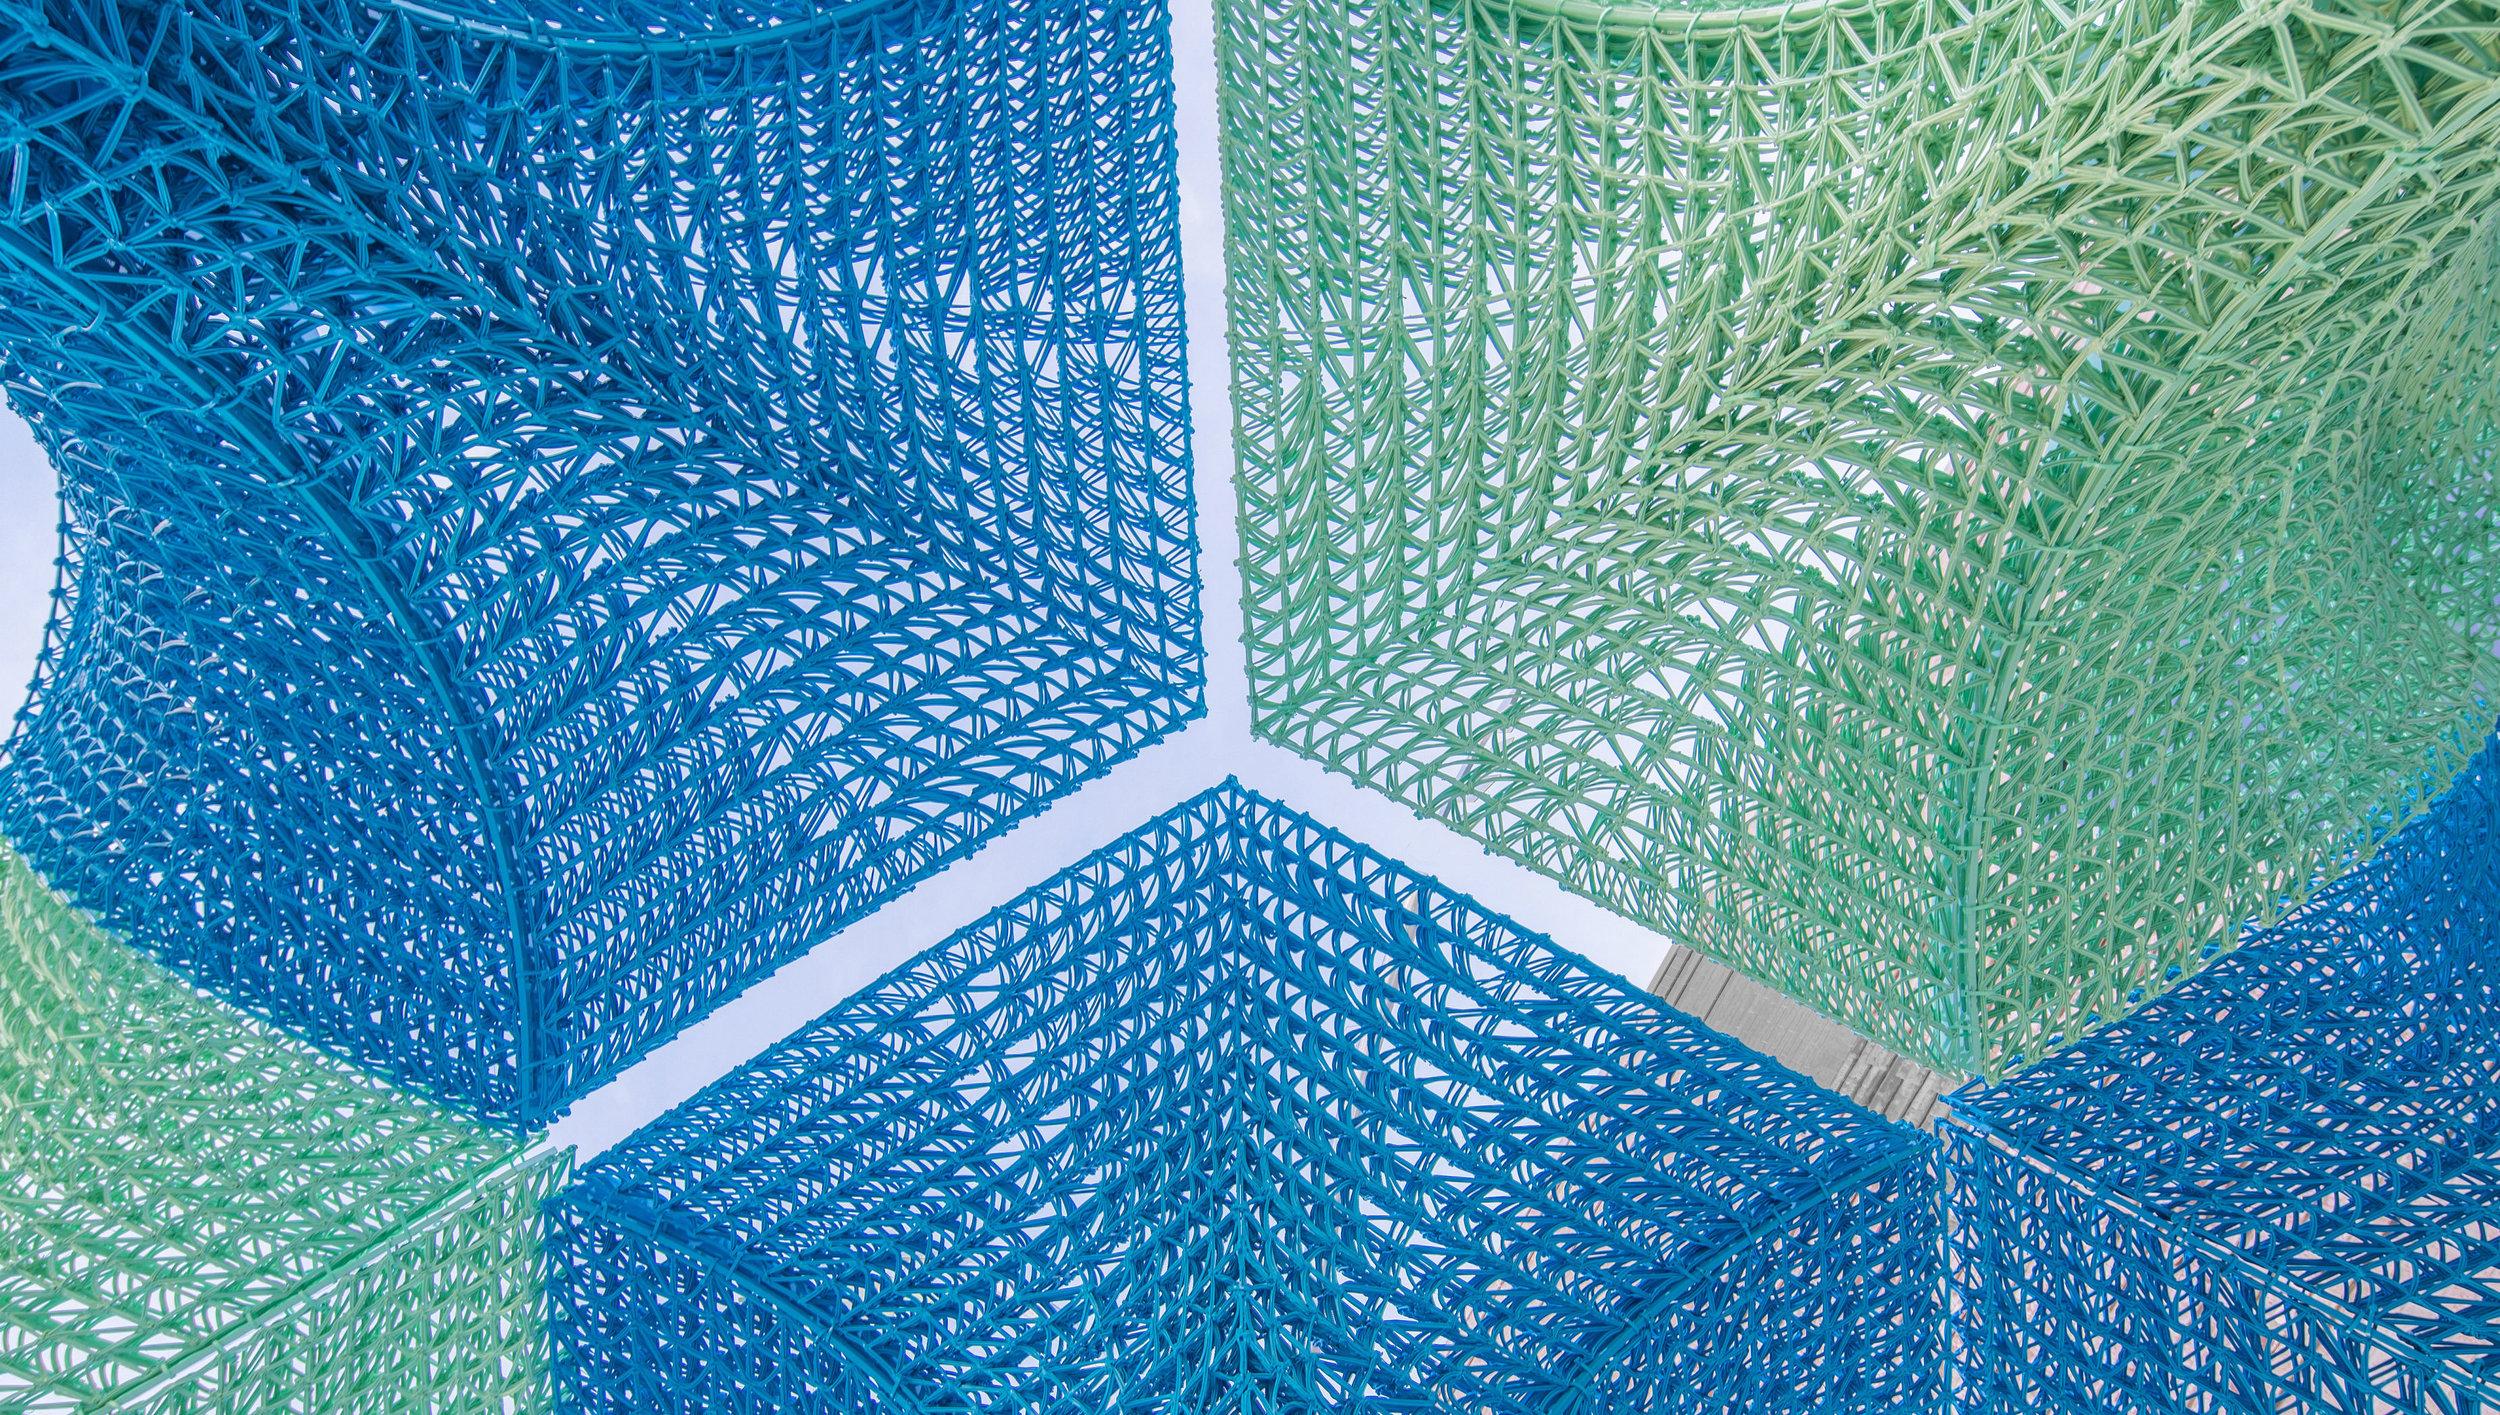 Erlanger Children's Hospital Canopy